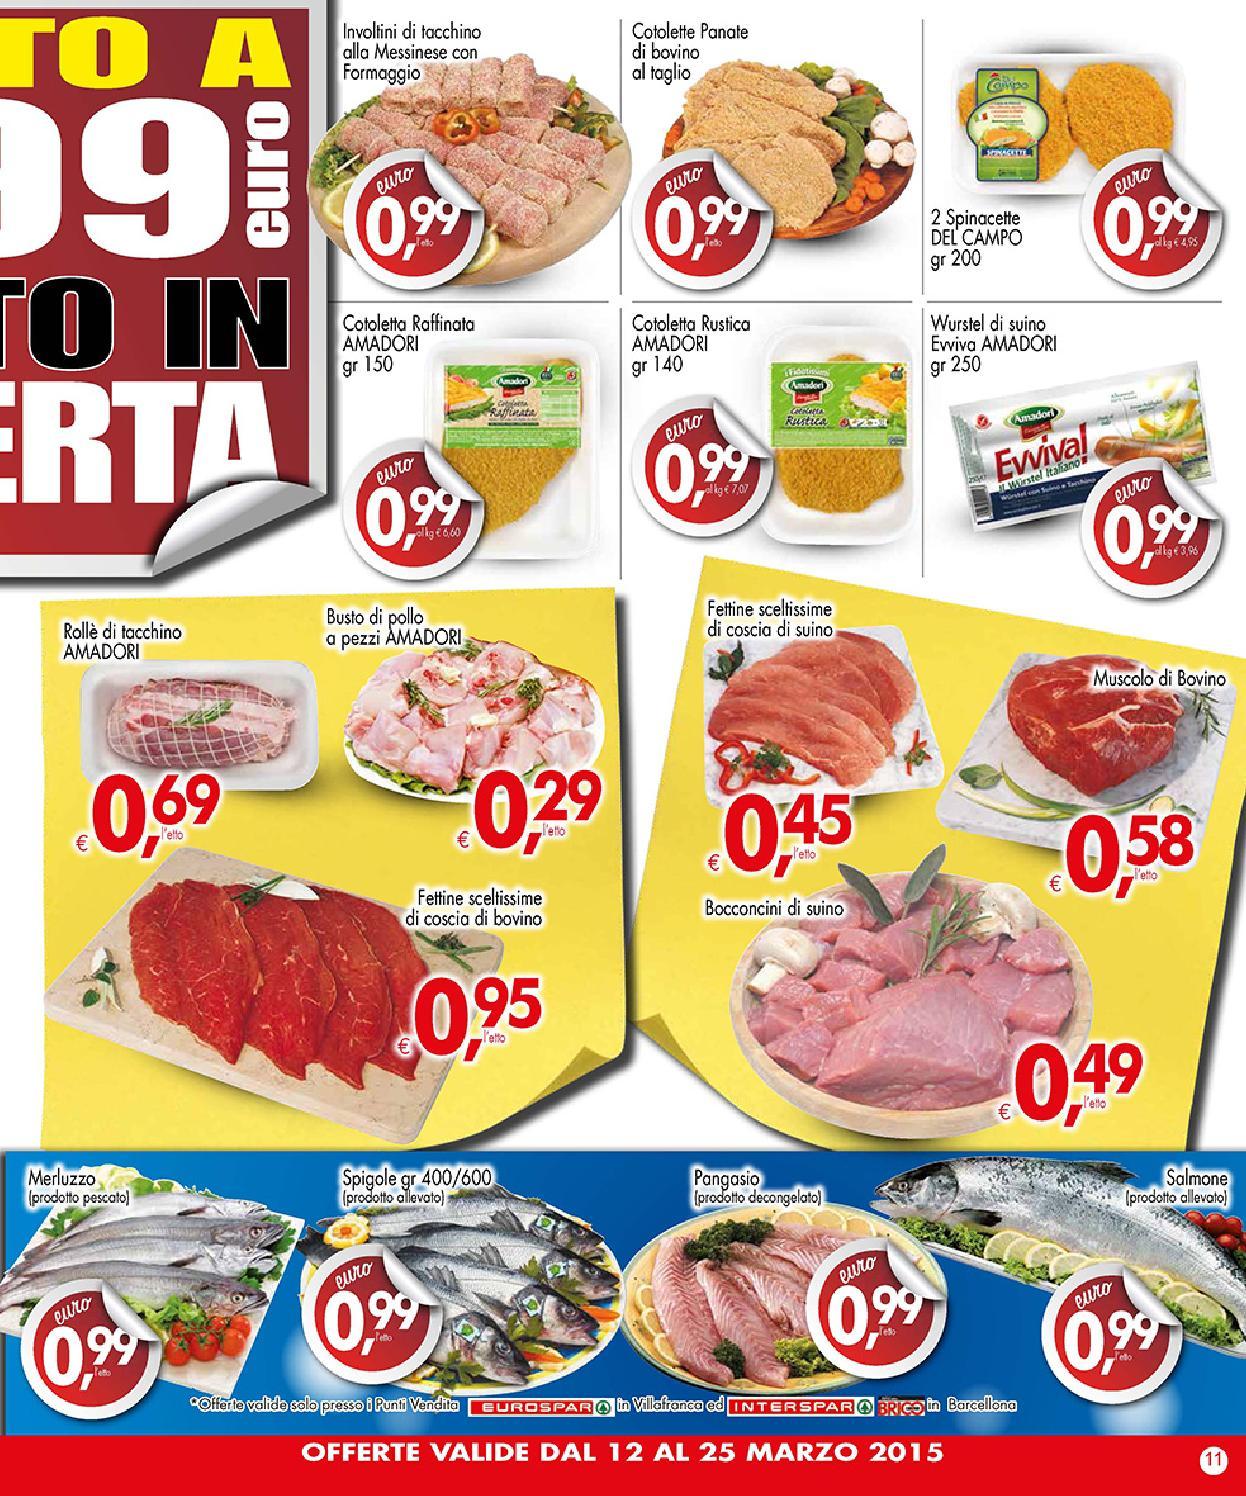 Volantino despar 12 25 marzo 2015 by despar messina issuu for Volantino despar messina